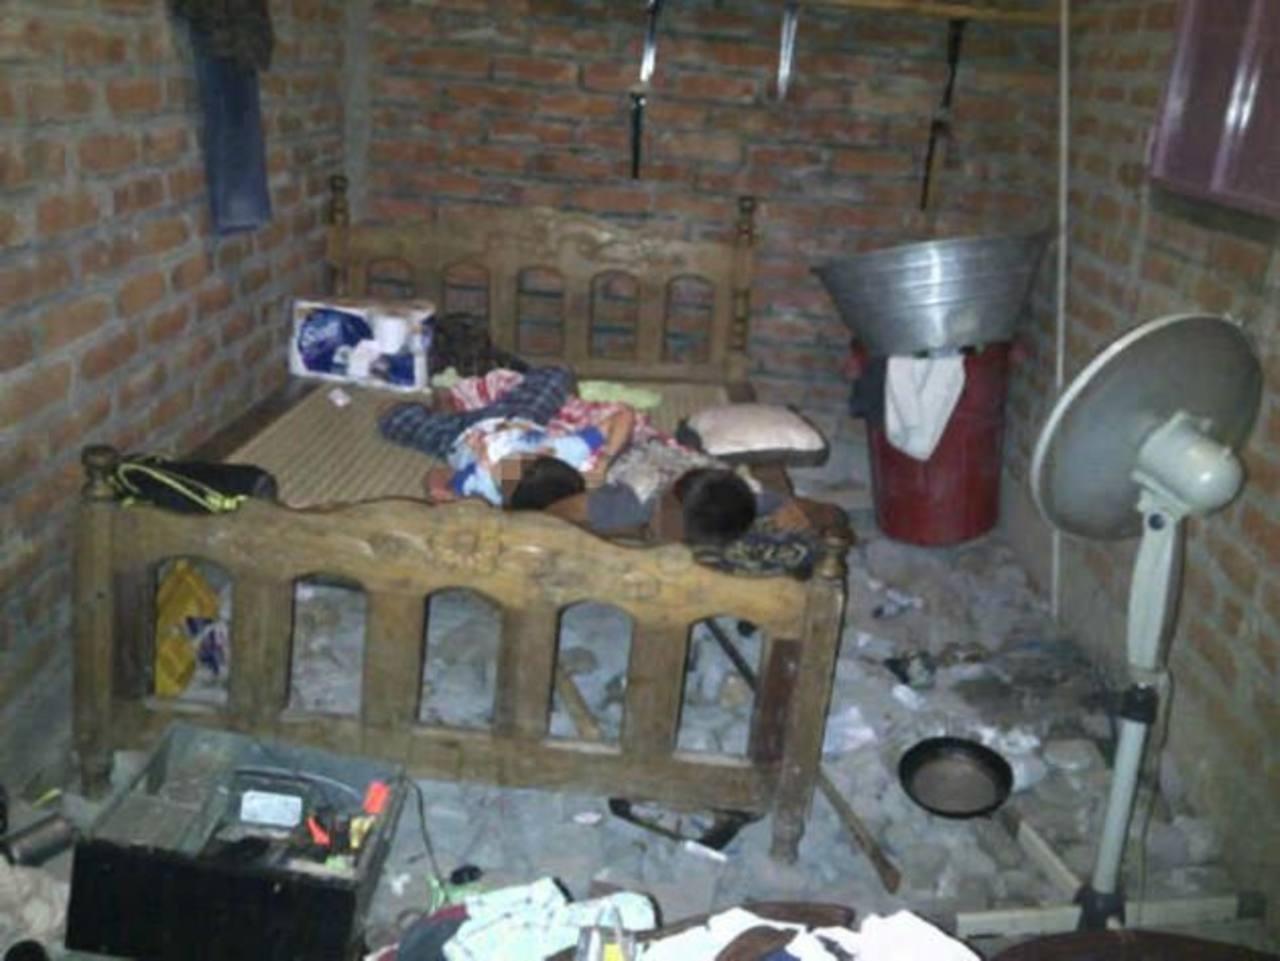 Dos niños que dormían en un cuarto dentro del club nocturno, en Santa Rosa de Lima, estaban al parecer endrogados. Los menores fueron llevados al hospital. Foto EDH / cortesía Fiscalía.